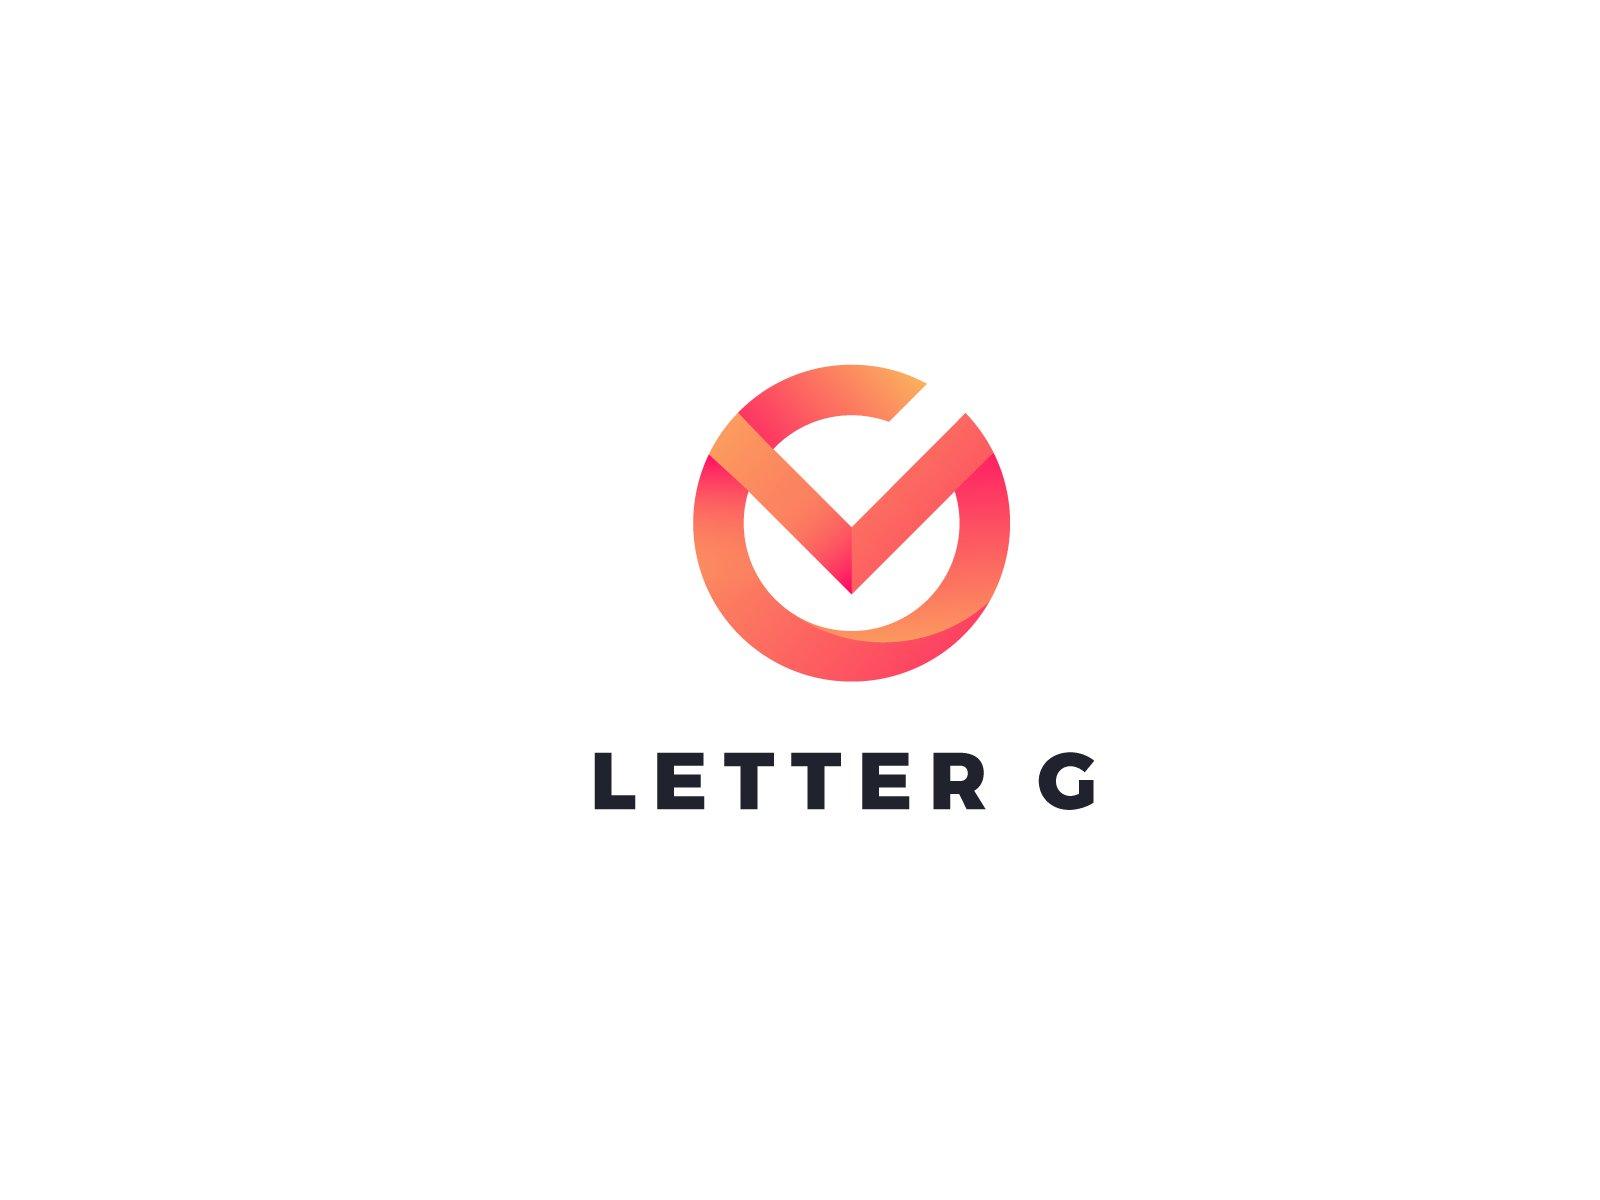 letter g logo design creative illustrator templates creative market letter g logo design